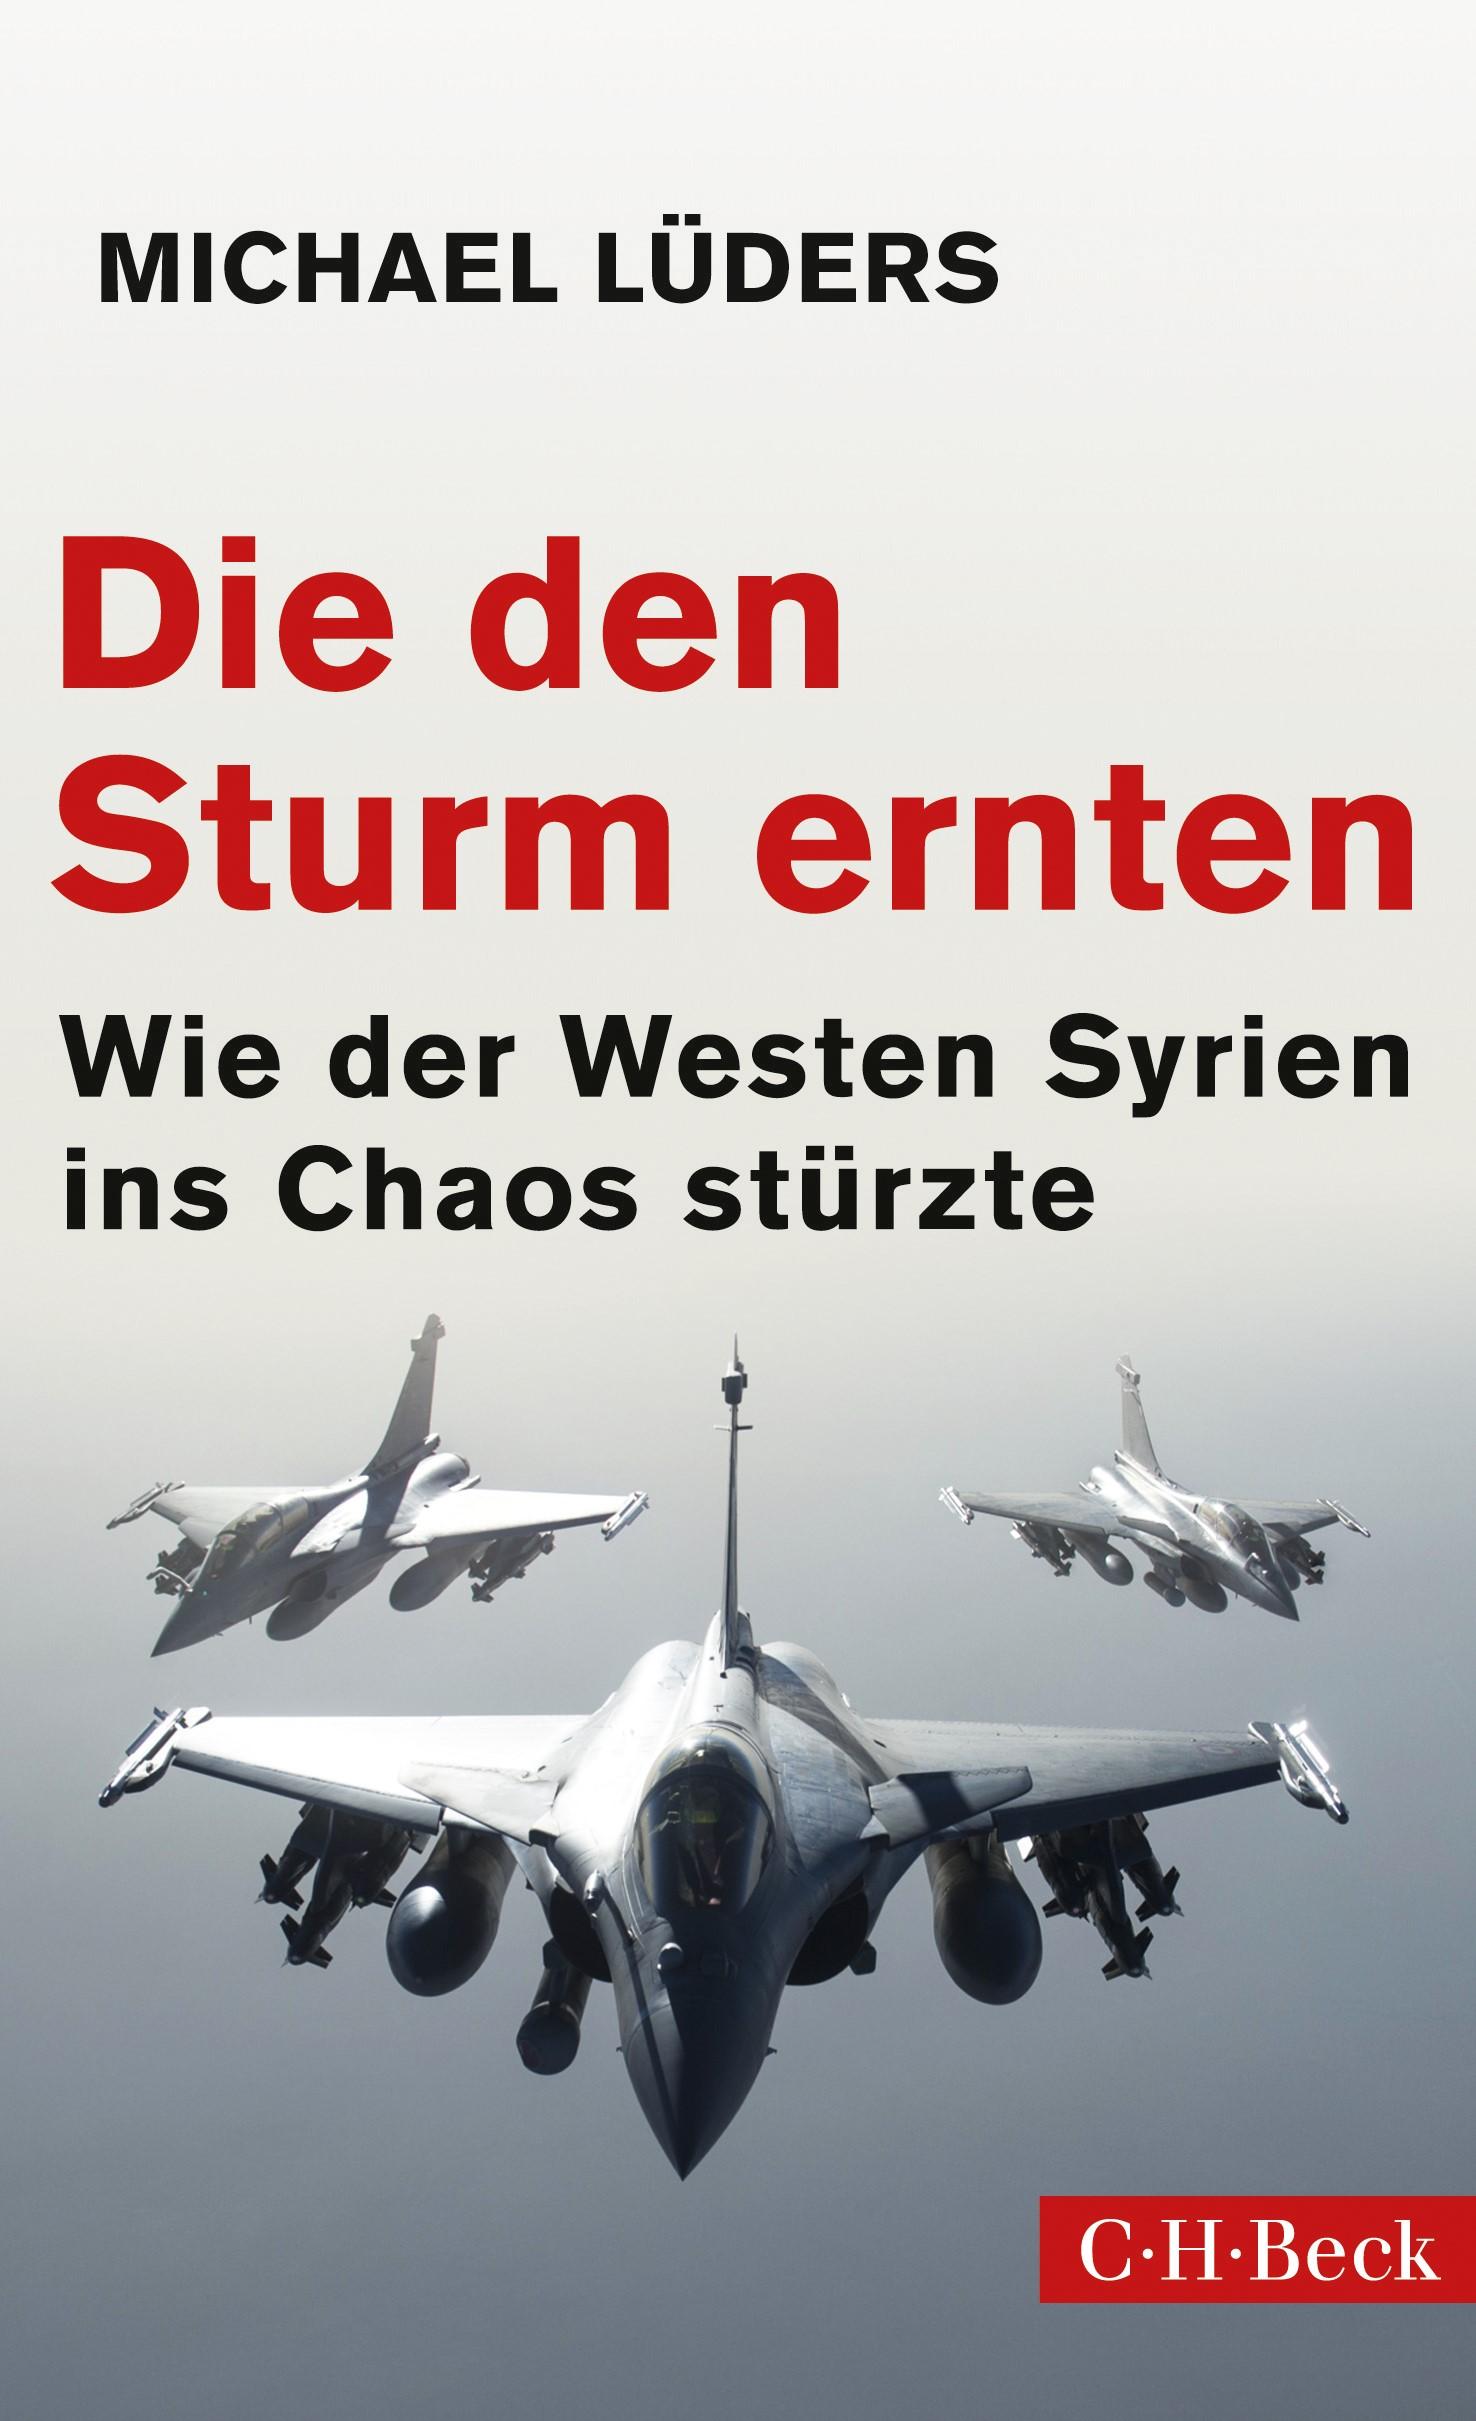 Cover des Buches 'Die den Sturm ernten'